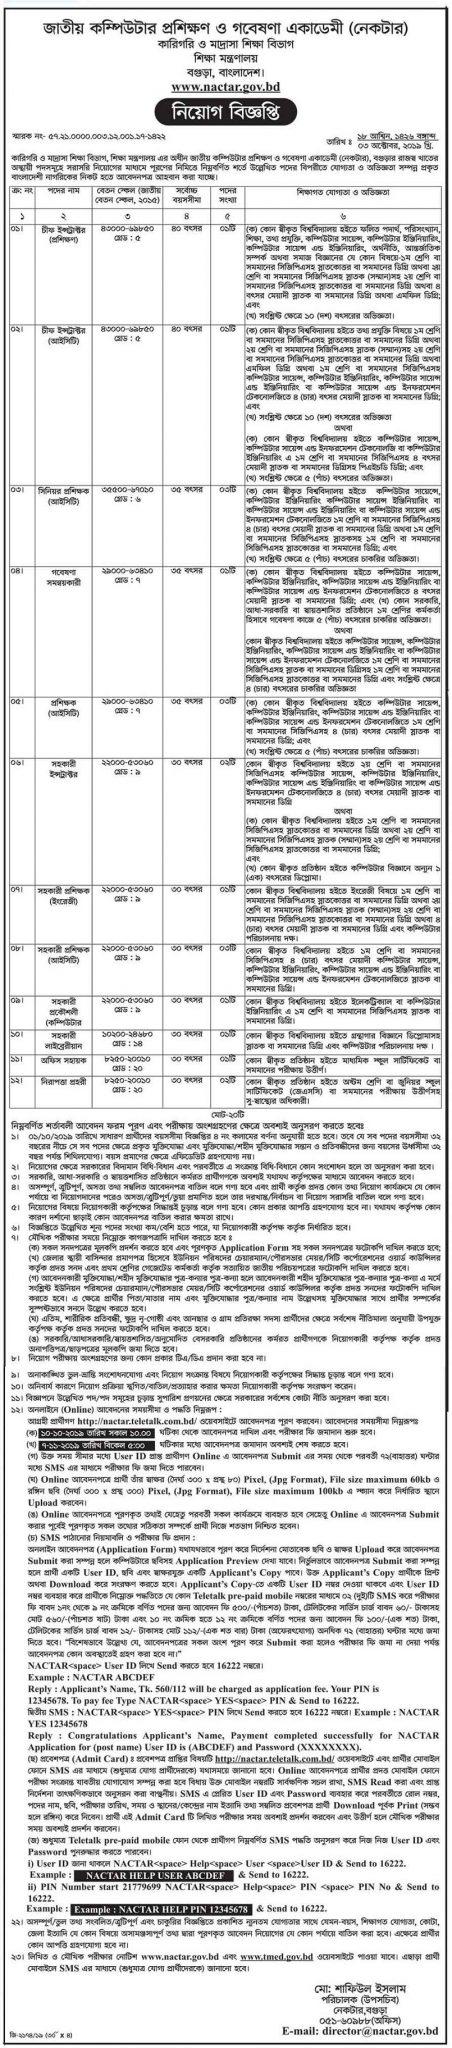 Technical and Madrasah Education Division Job Circular 2019